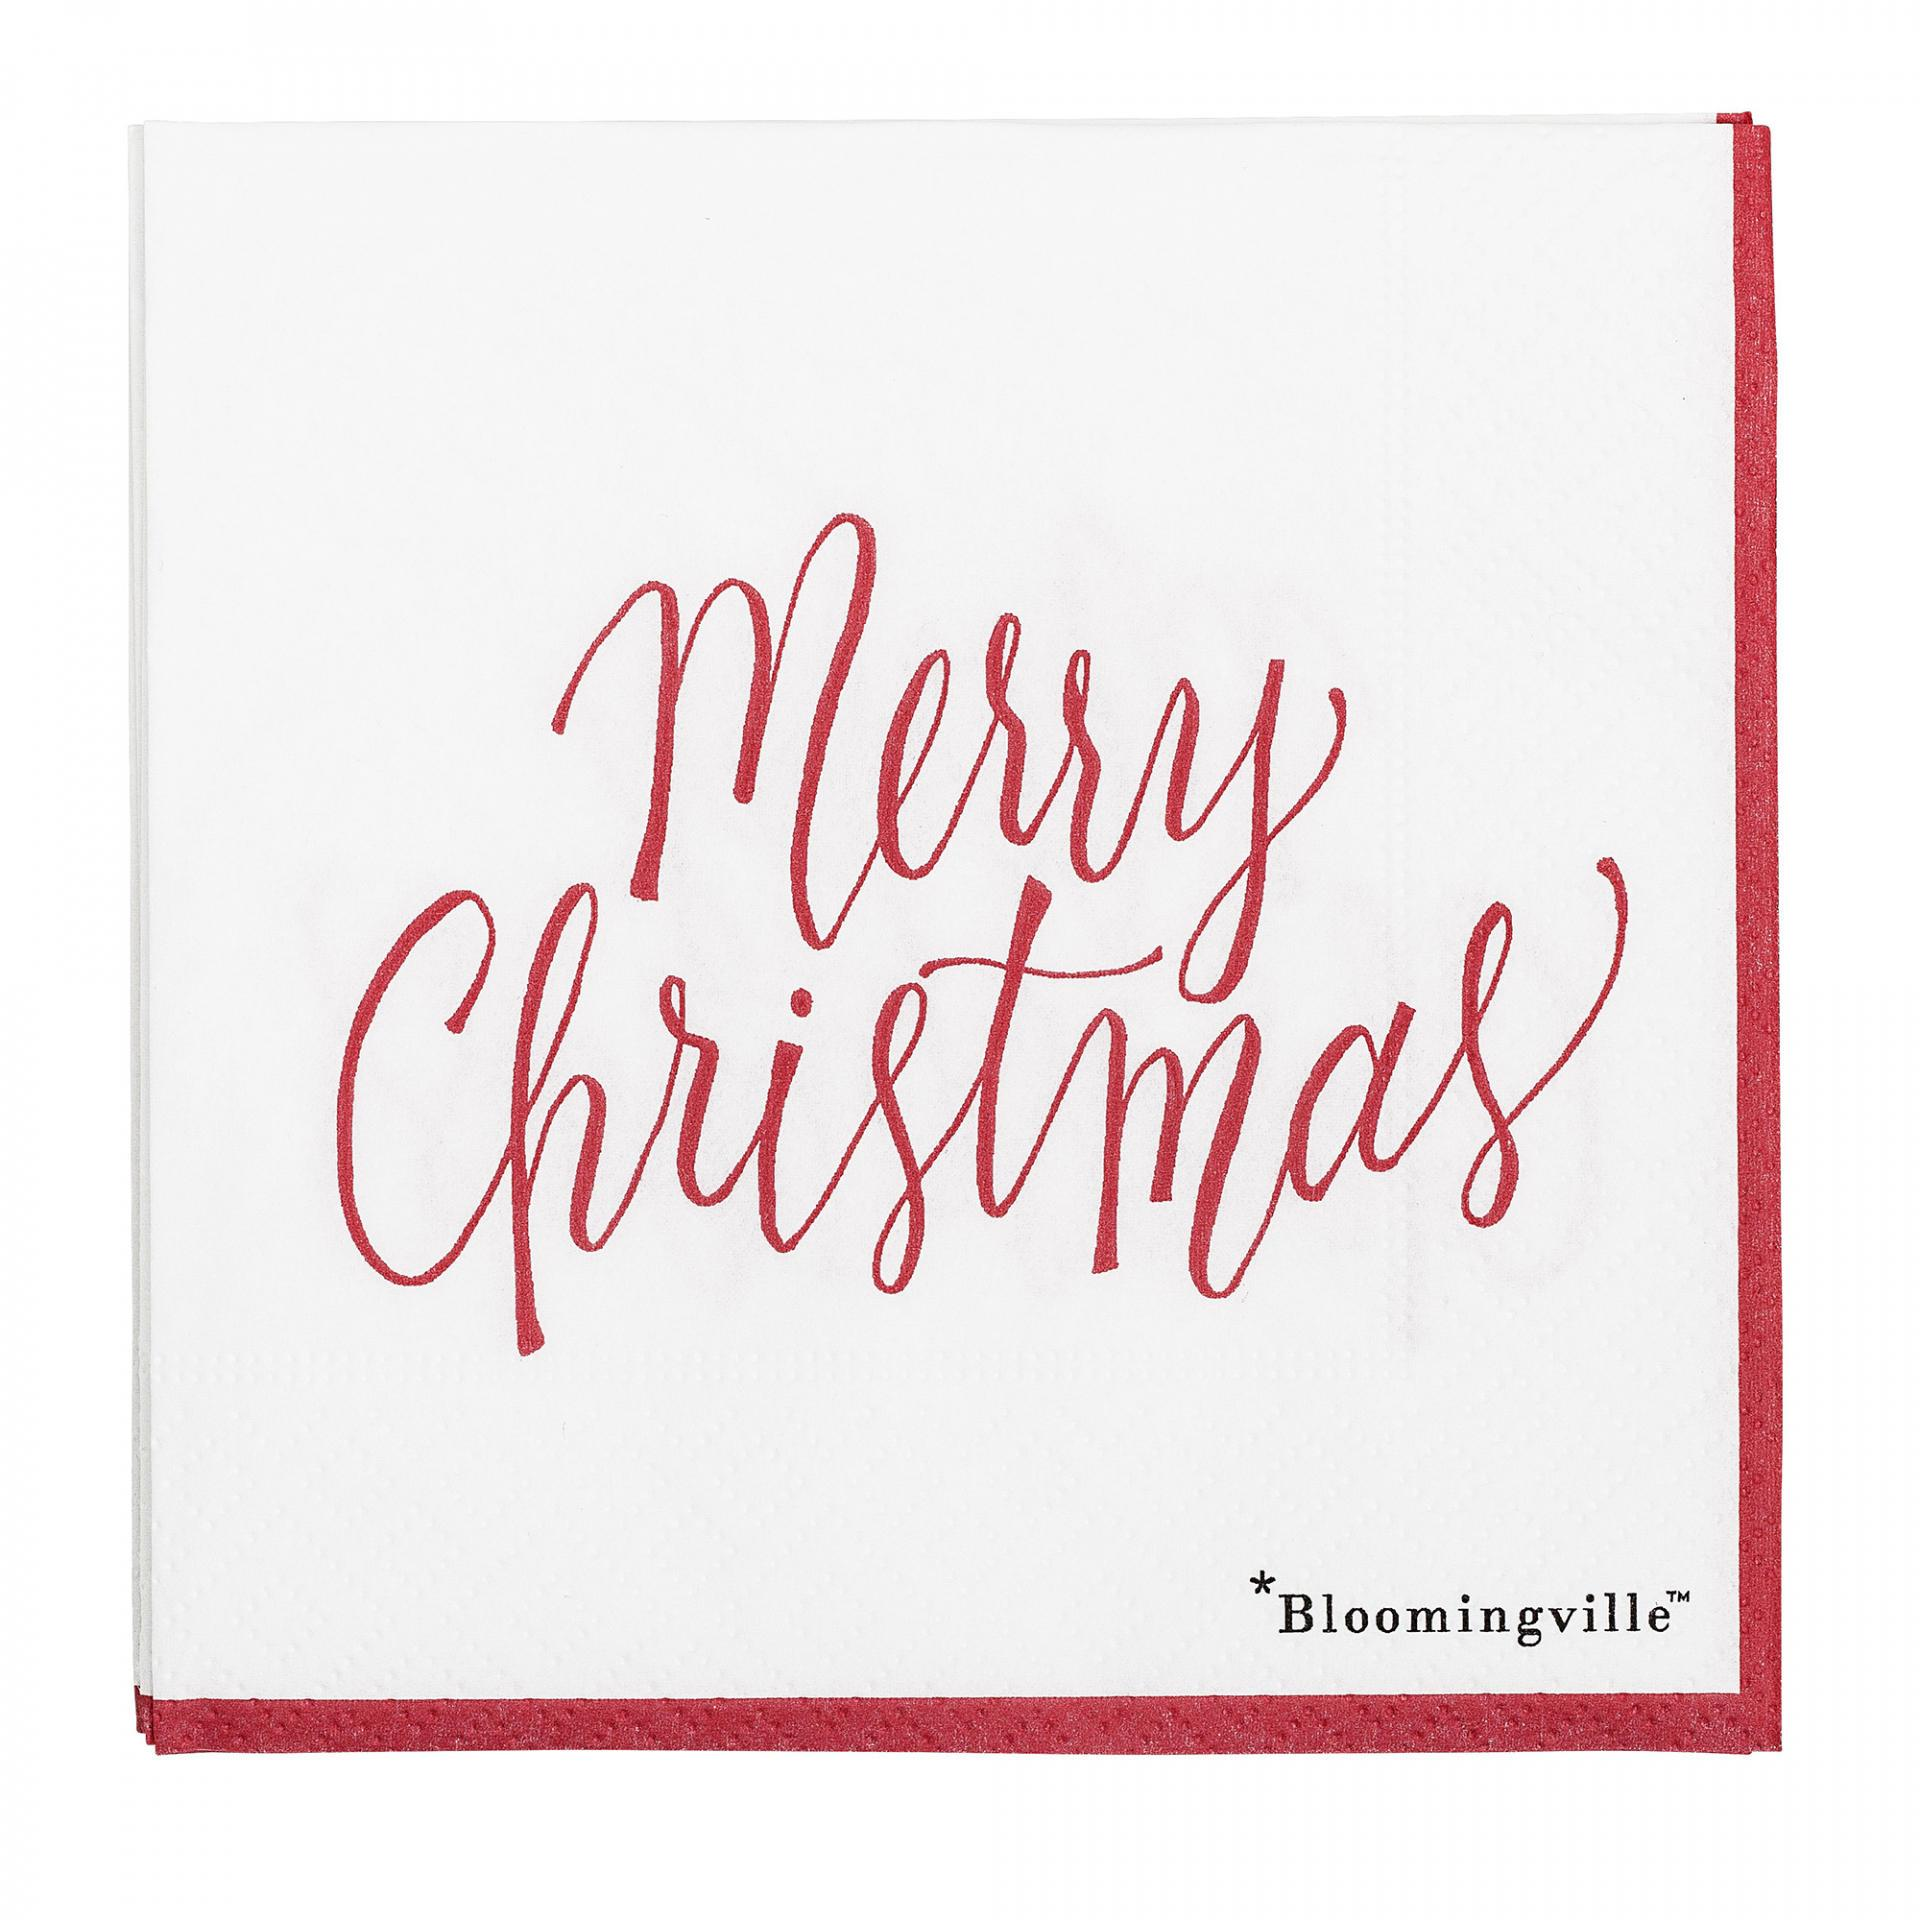 Bloomingville Papírové ubrousky Merry Christmas red, červená barva, papír